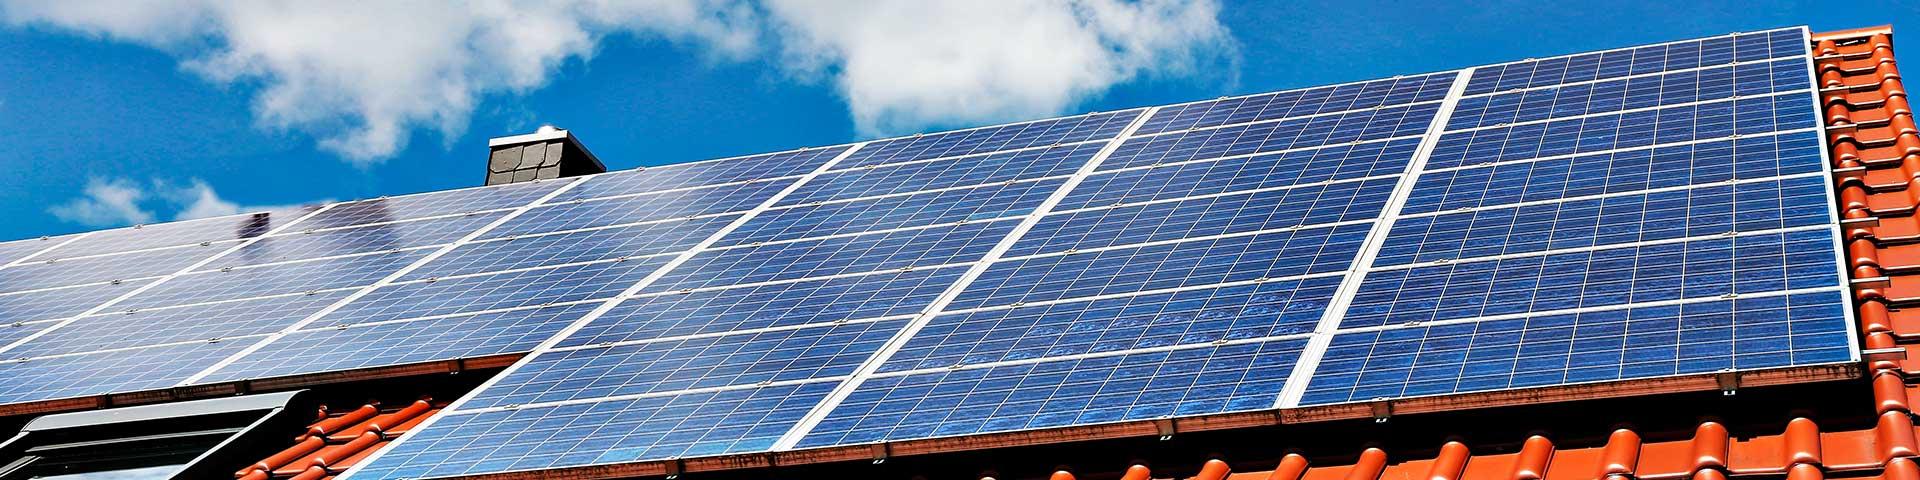 panele fotowoltaiczne na dachu z dachówki w czerwonym kolorze